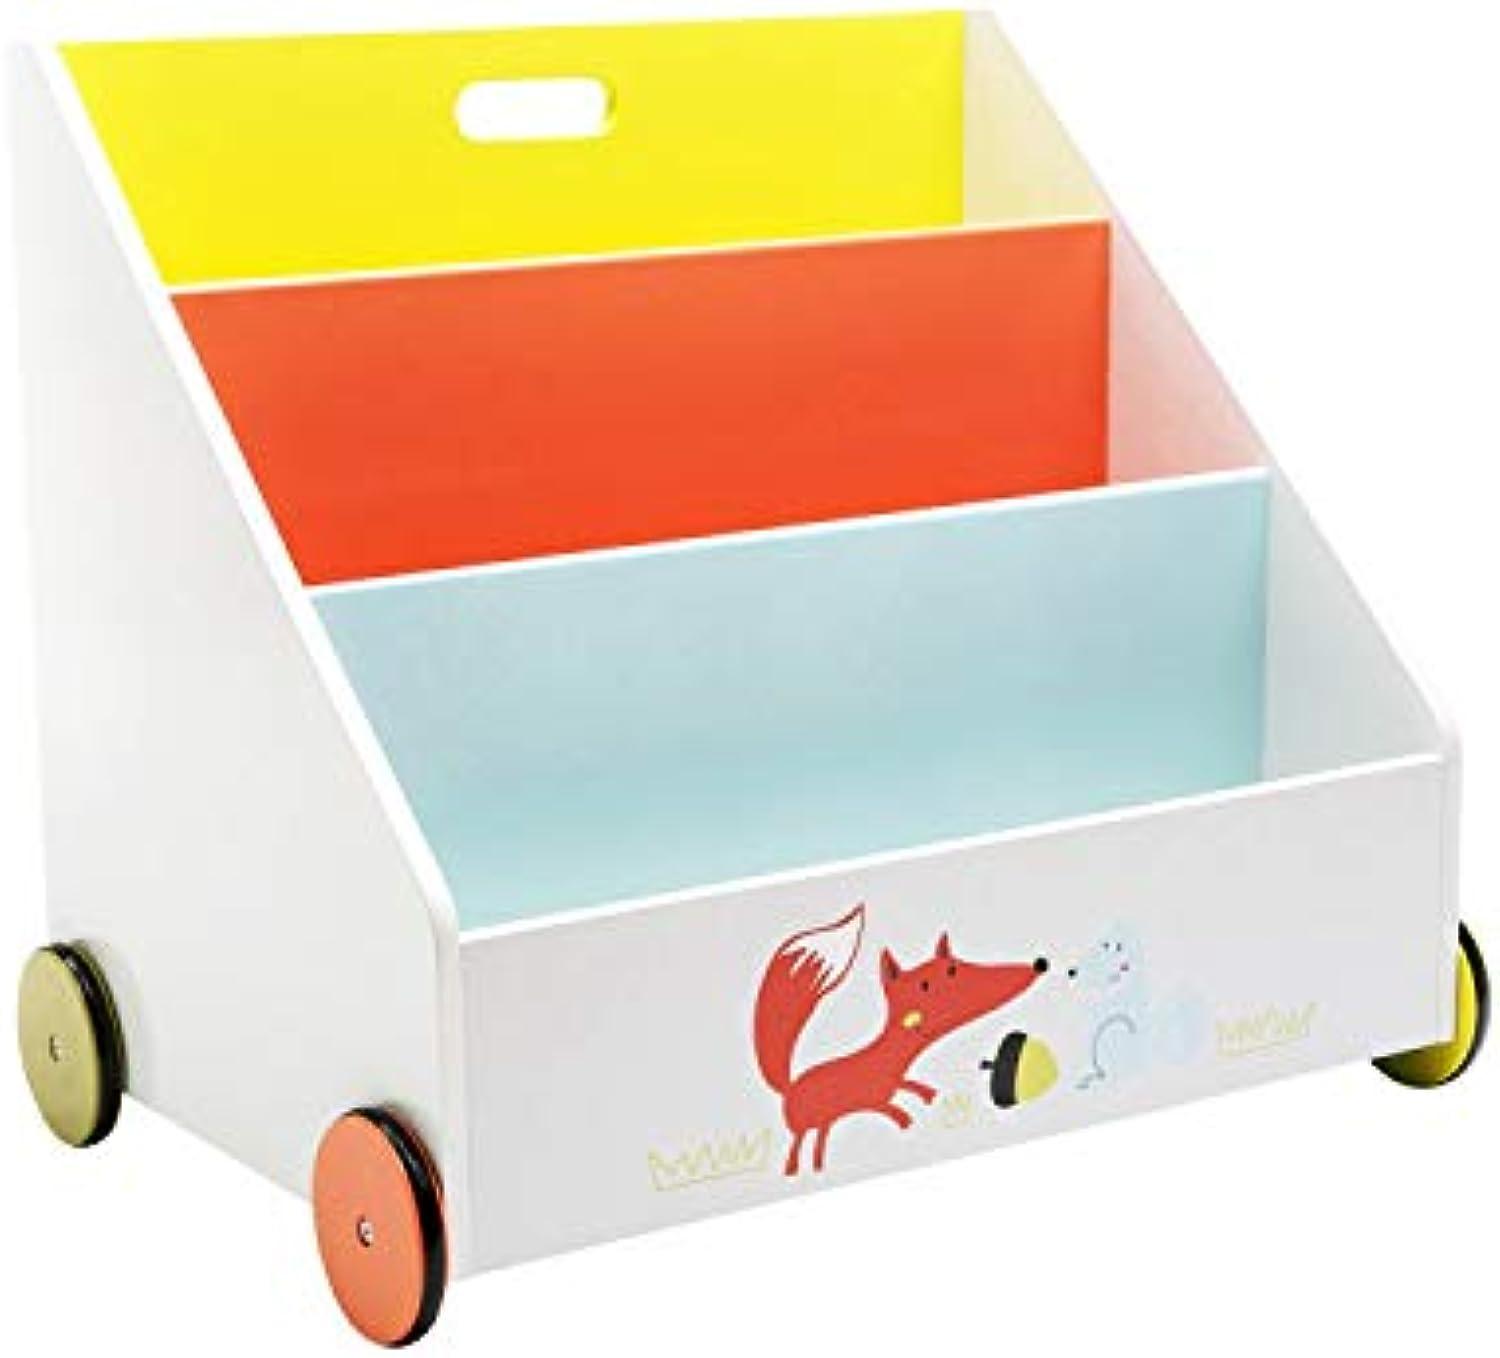 HONNIEKIS Bücherregal Kinder, Bücherregal Holz für Kinder 1-5 Jahre Alt, Kinderbücherregal- mit Rdern, Bücher Aufbewahrung, Bücherregal kinderzimmer